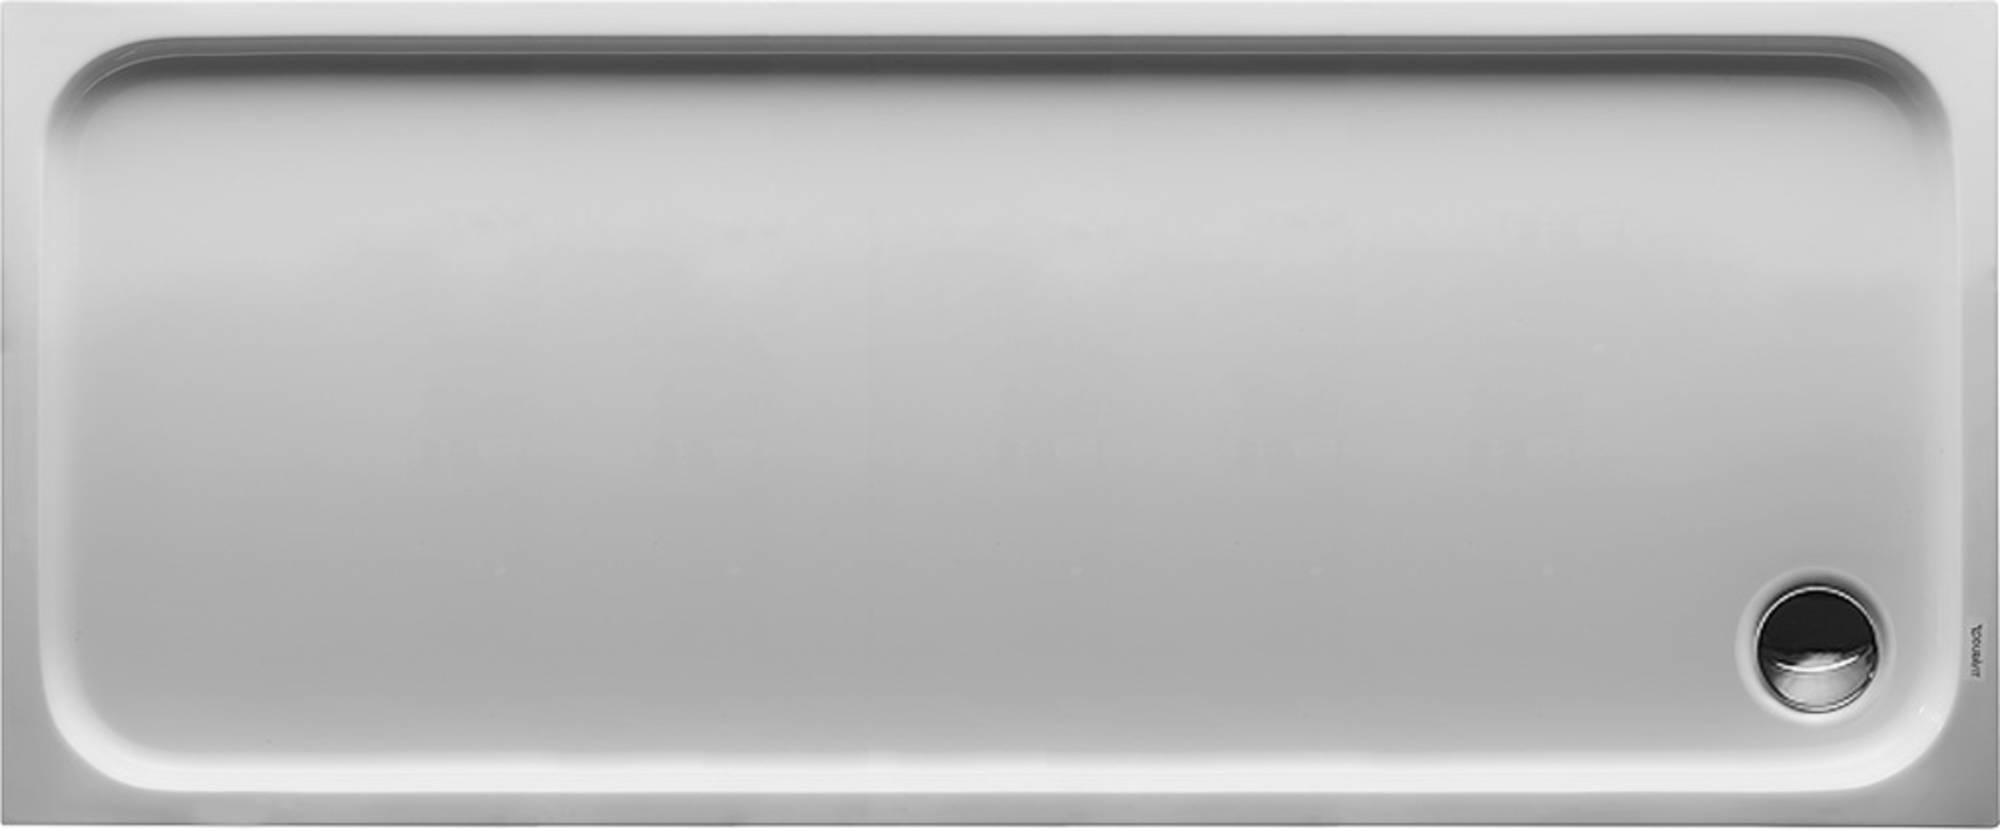 Duravit D-Code kunststof douchebak acryl rechthoekig z. paneel 170x70cm m. afvoergat Ø90mm wit